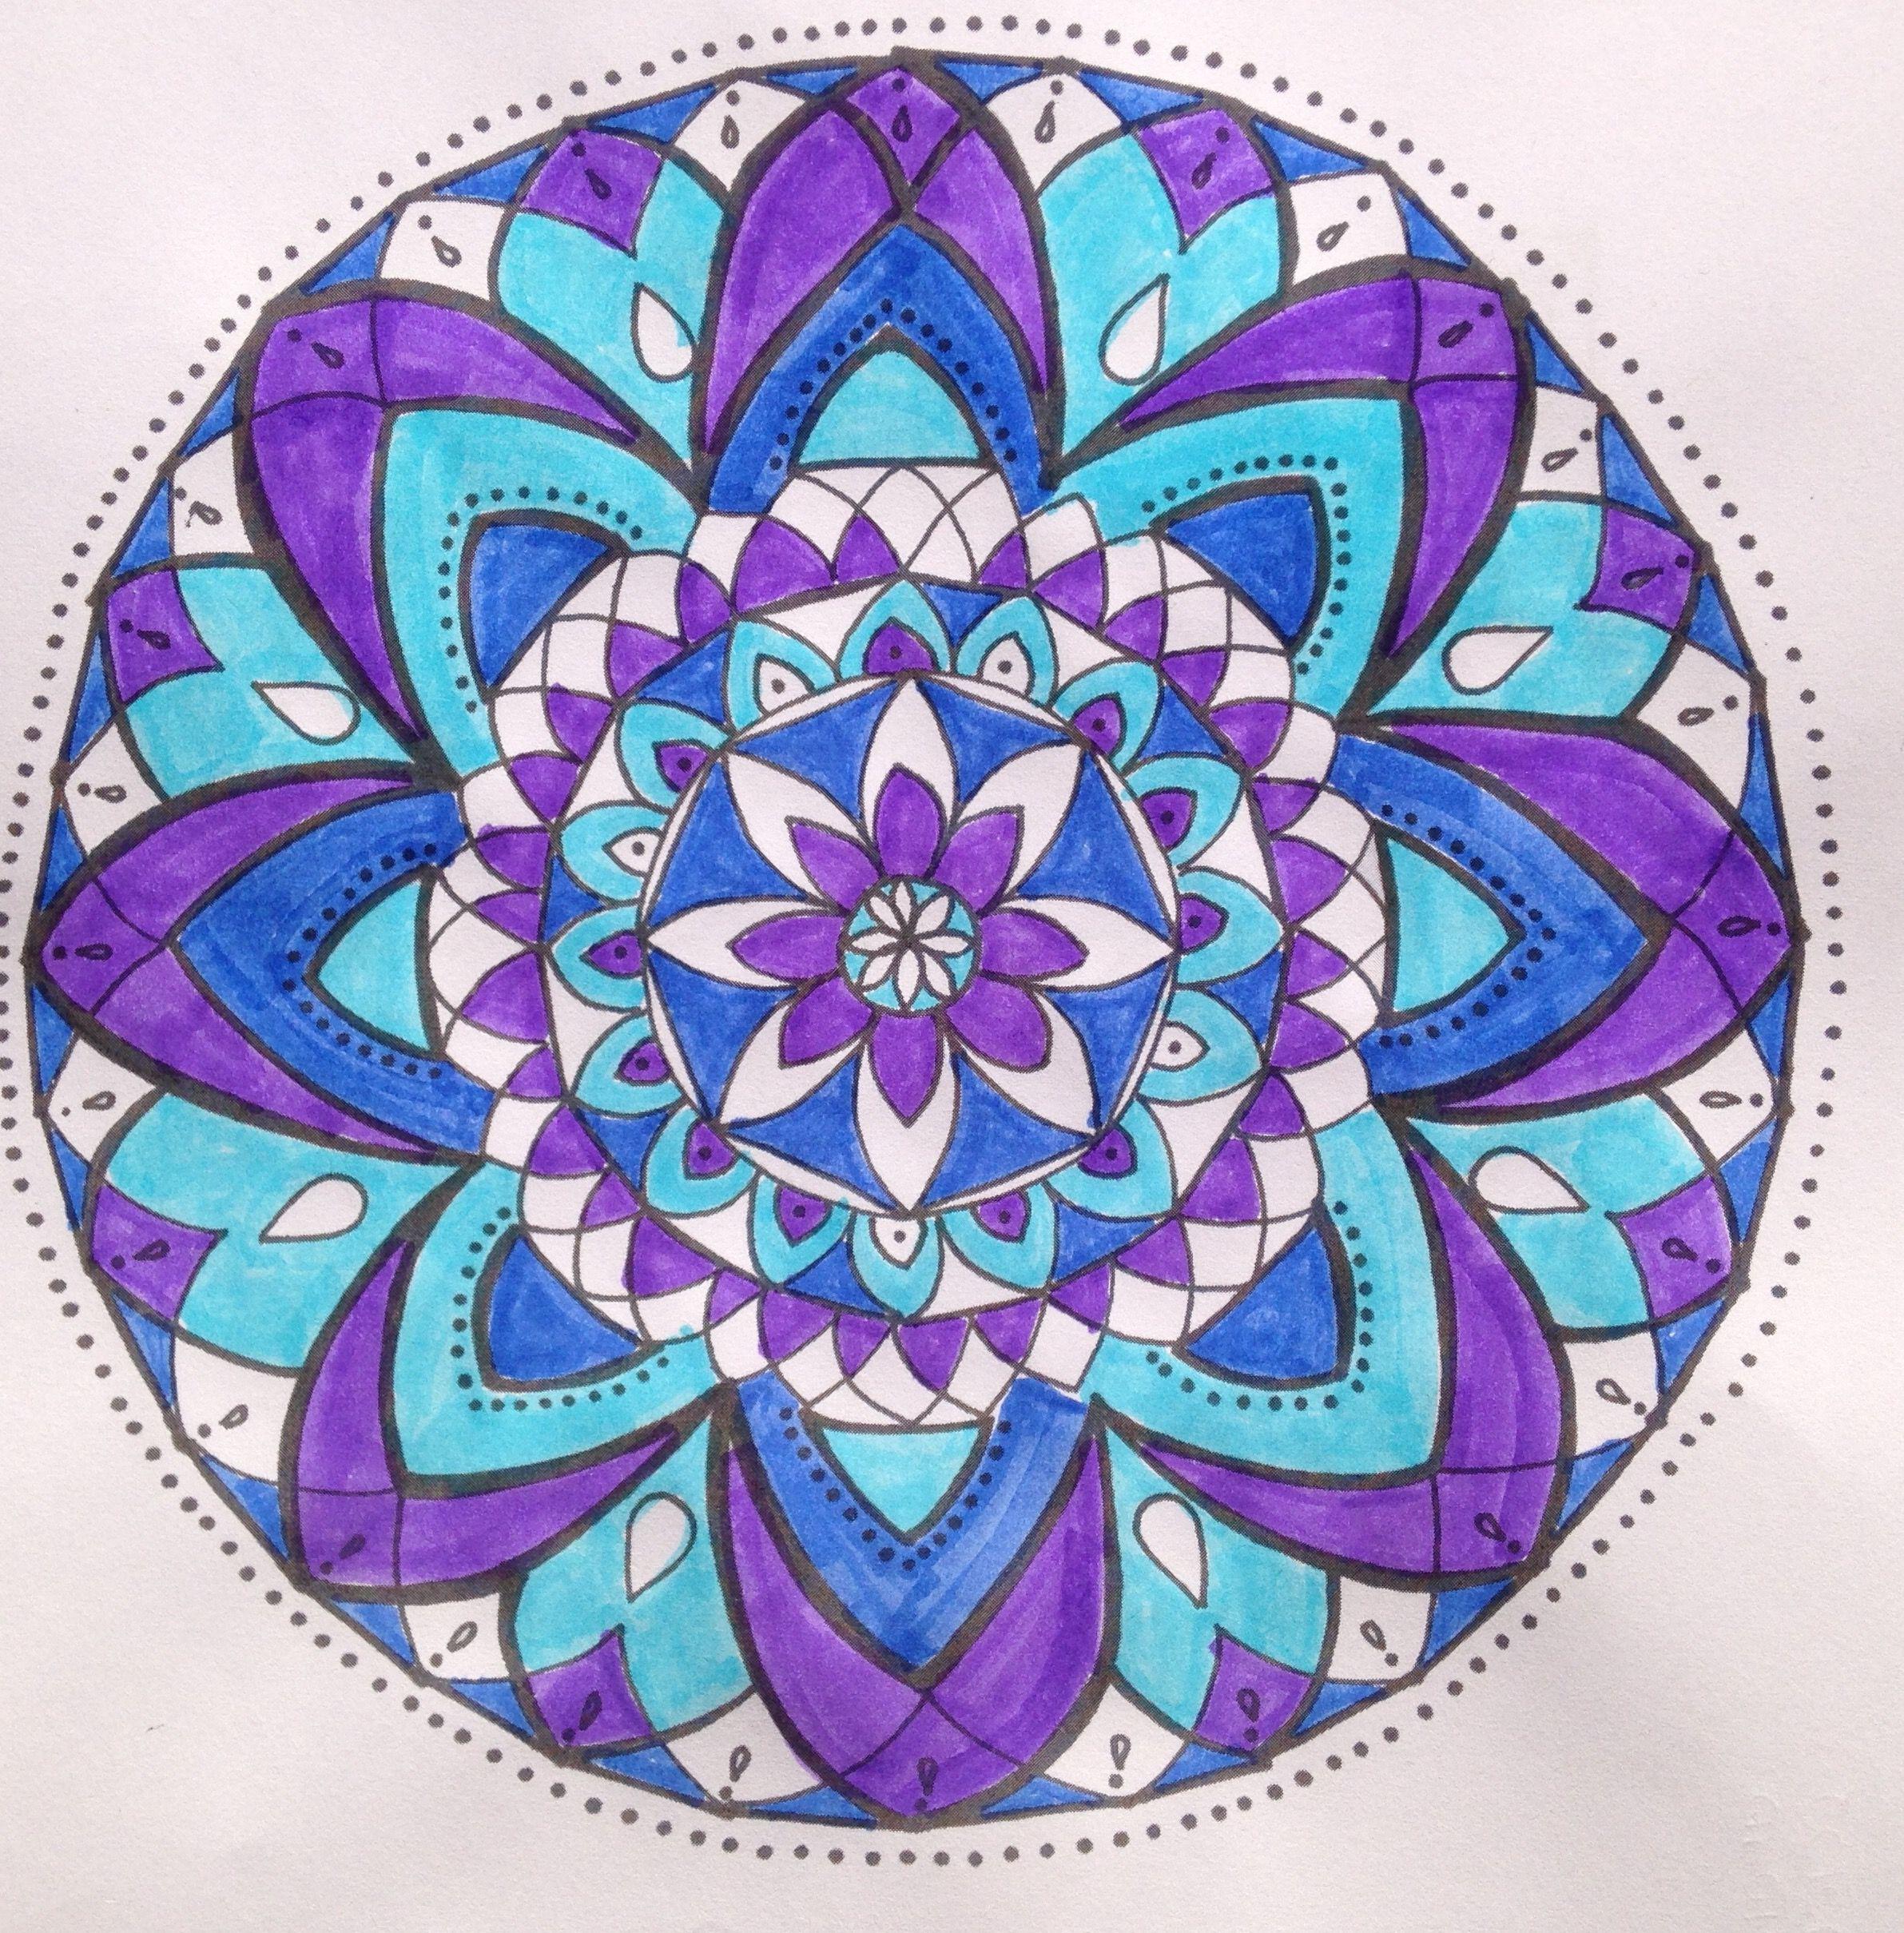 Colores Frios Morado Azul Y Celeste Colores Frios Mandalas De Colores Mandalas